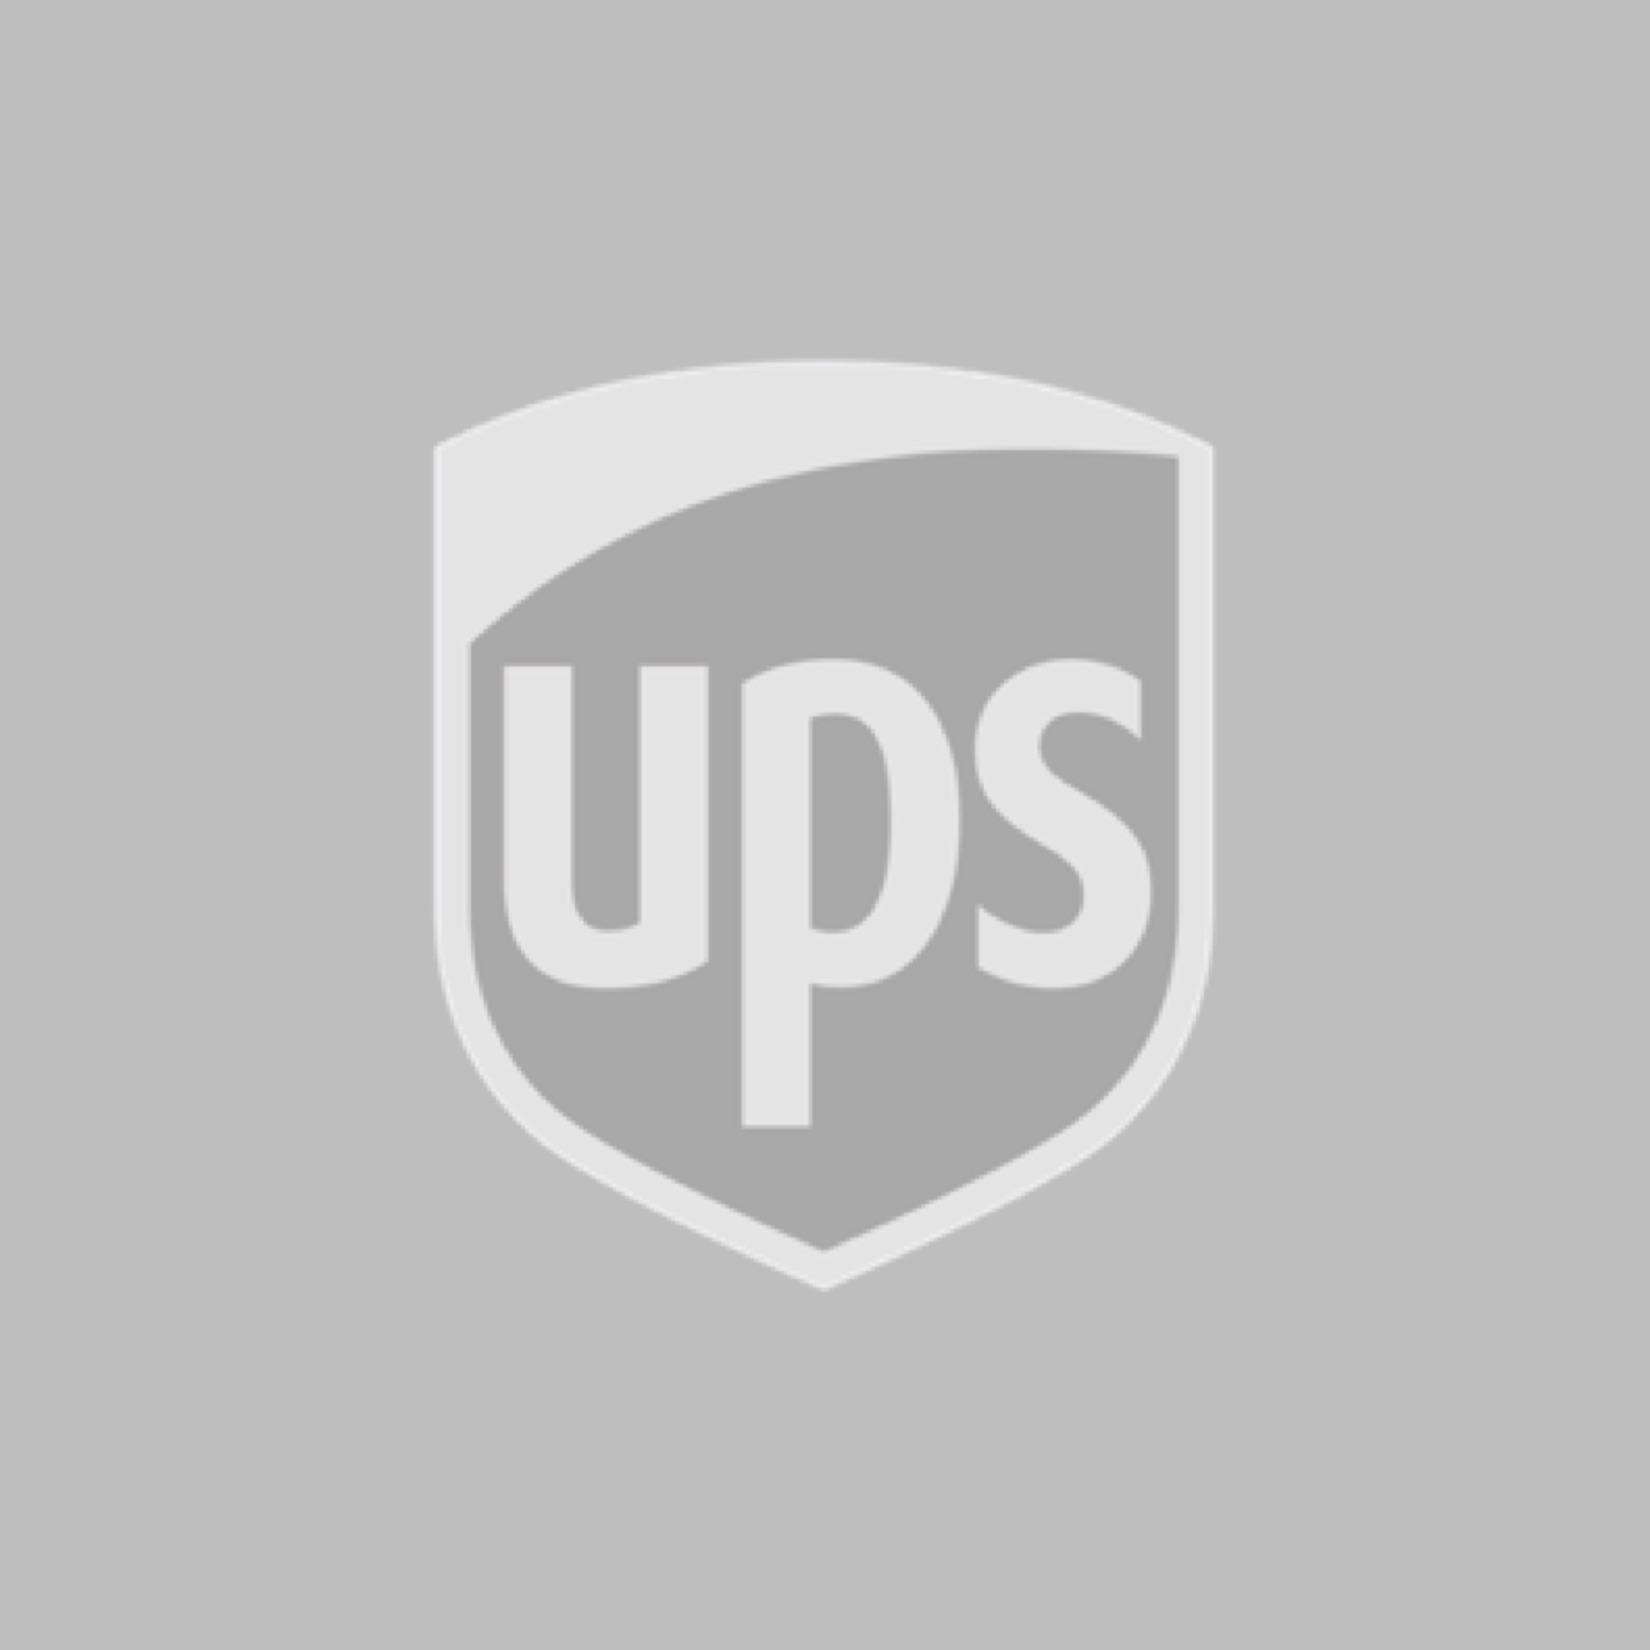 APG-UPS.jpg